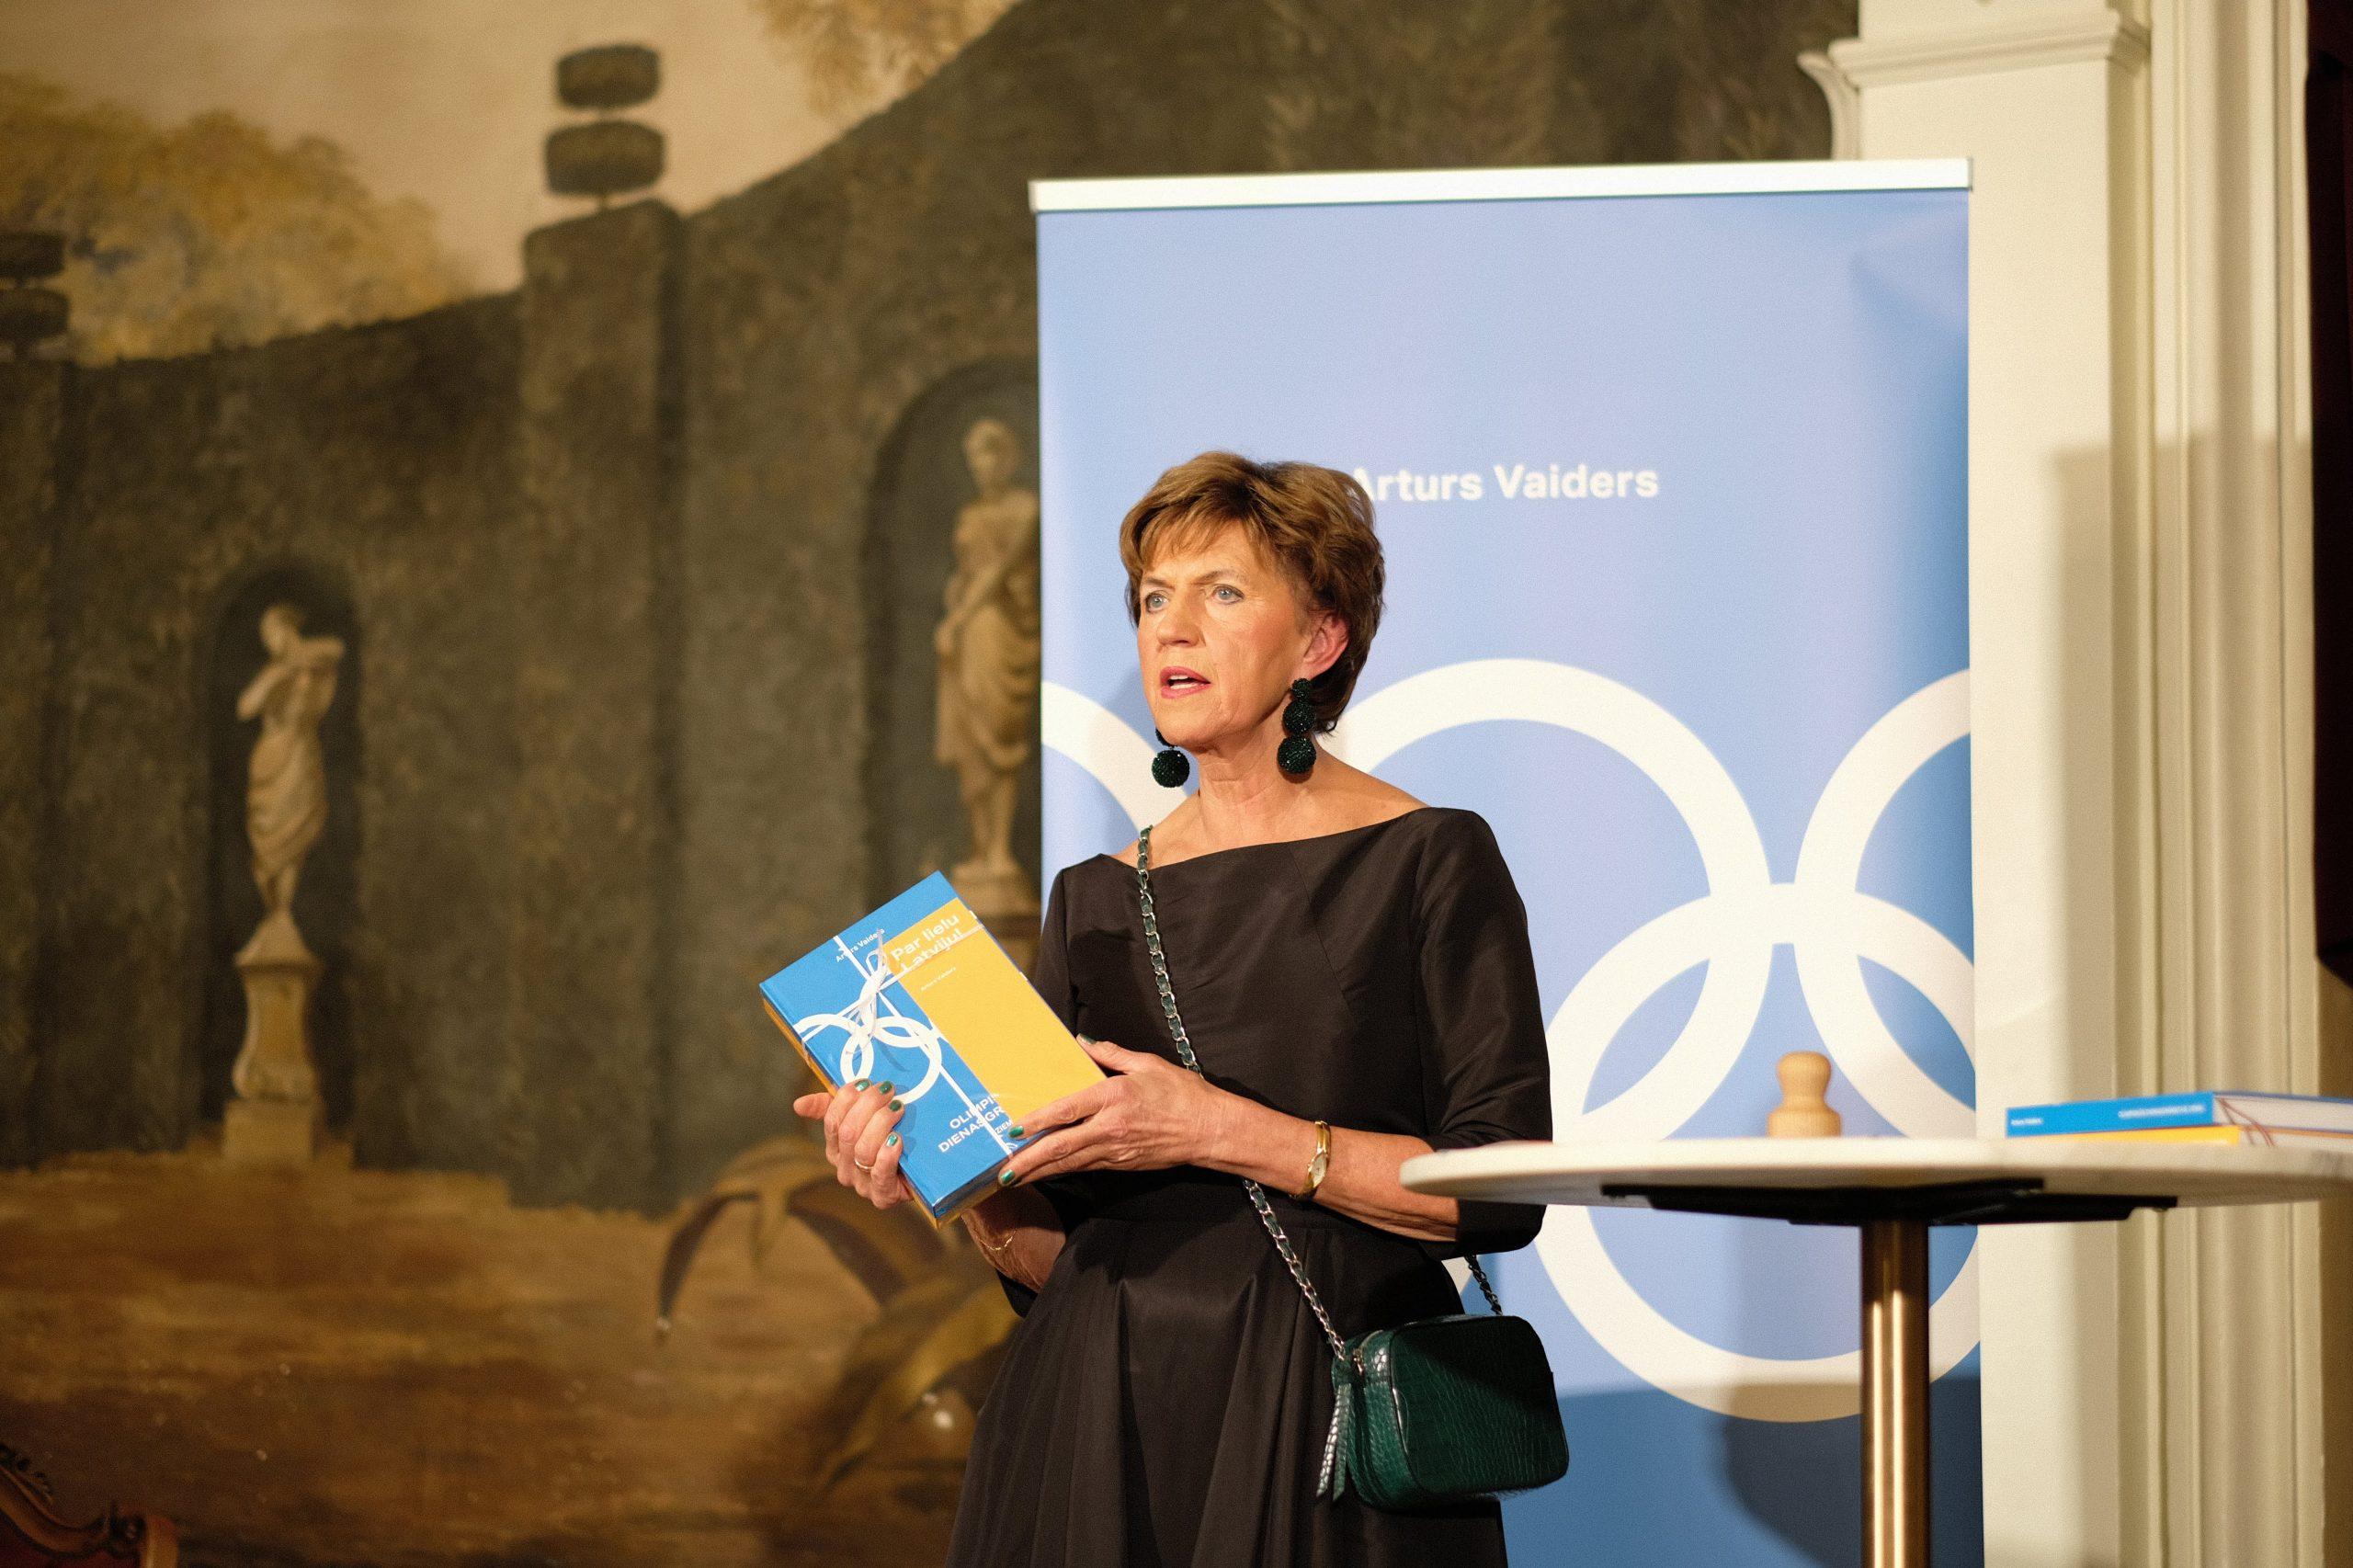 """Artura Vaidera """"Olimpiskās dienasgrāmatas. Vasara. Ziema."""" atvēršanas svētki"""